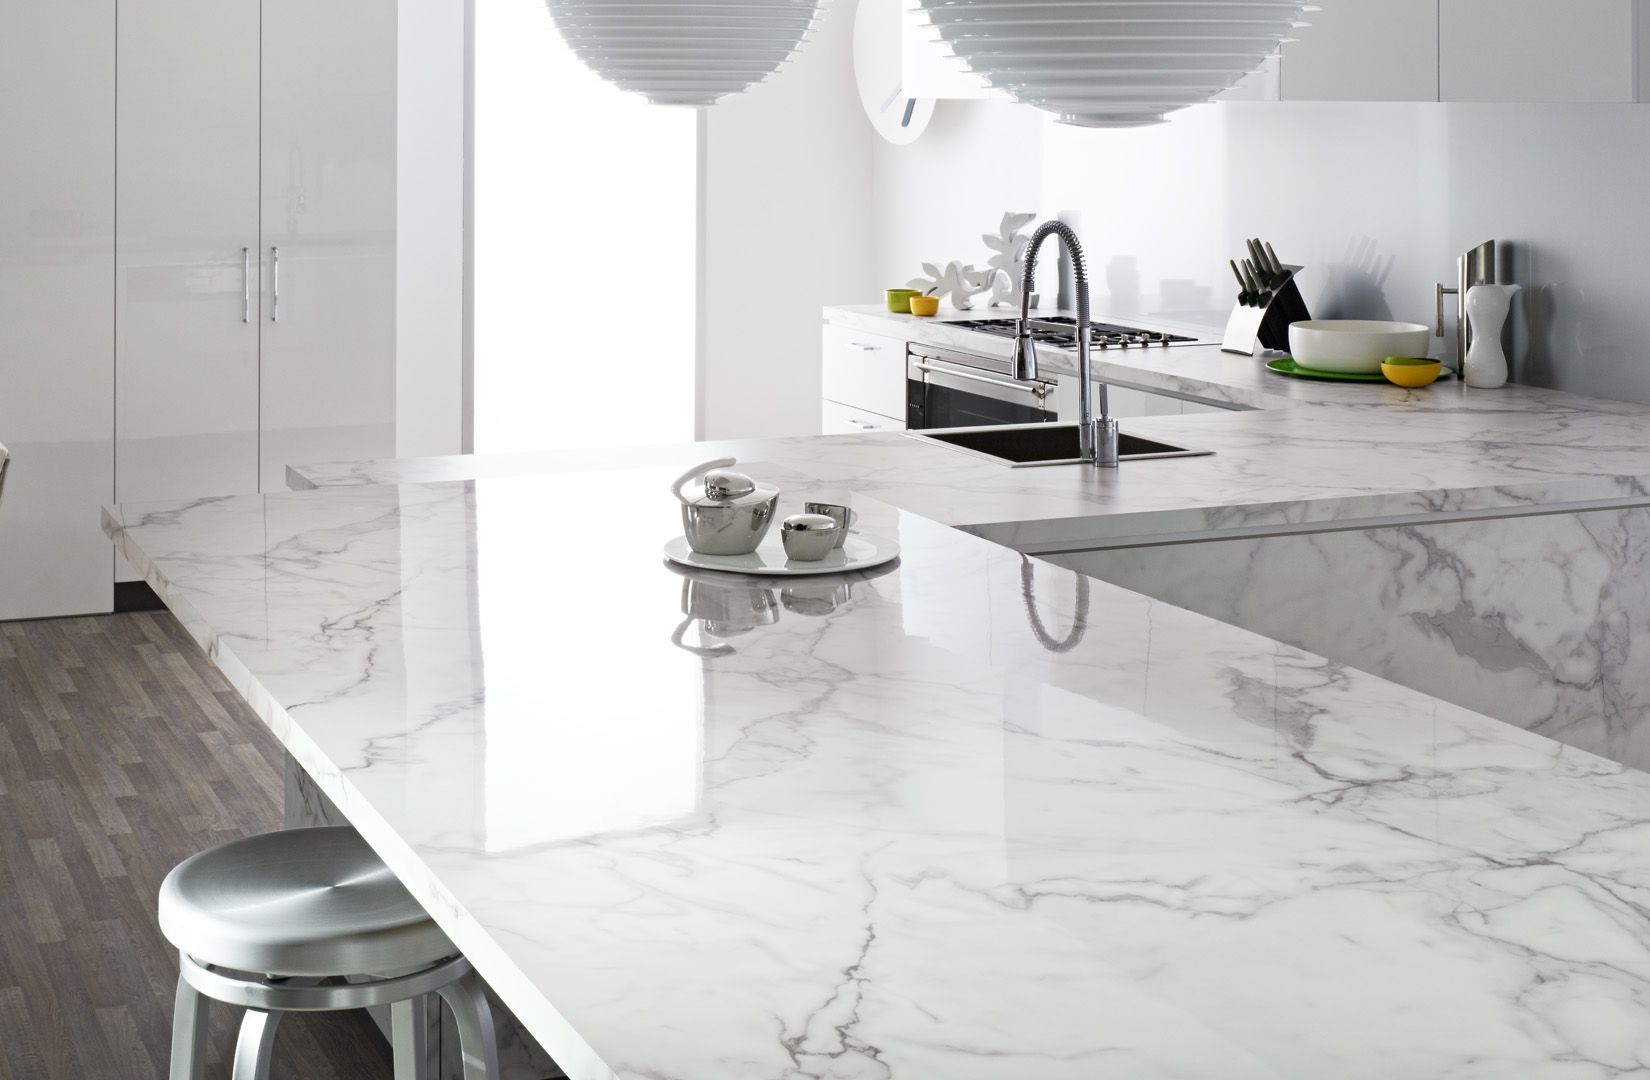 Statuario Quartz Quartz Kitchen Countertops Kitchen Remodel Countertops White Marble Kitchen